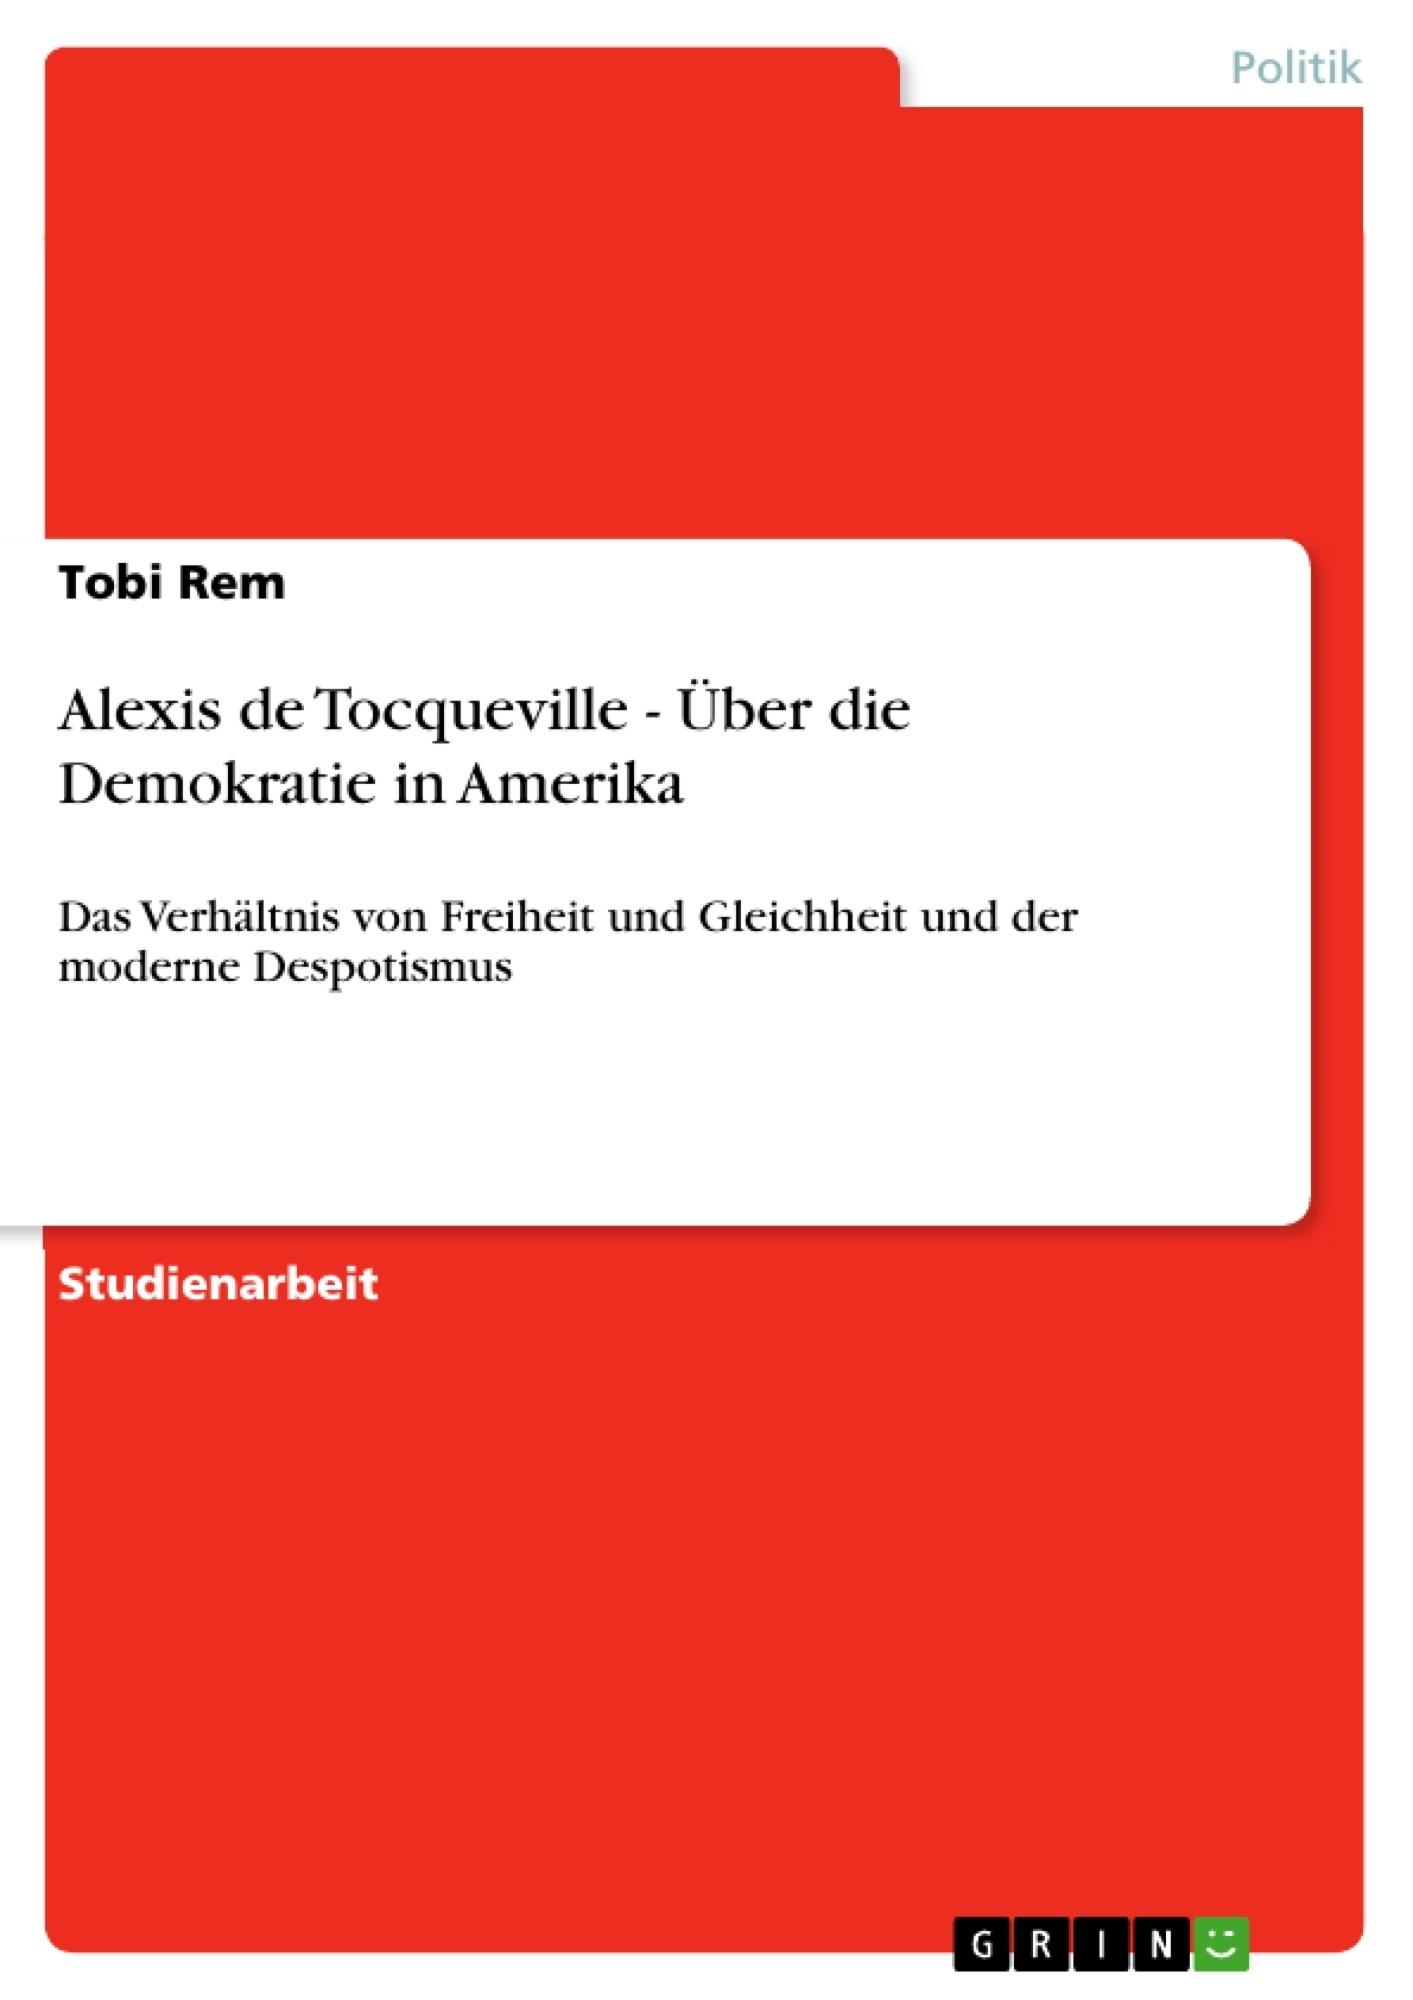 Titel: Alexis de Tocqueville - Über die Demokratie in Amerika